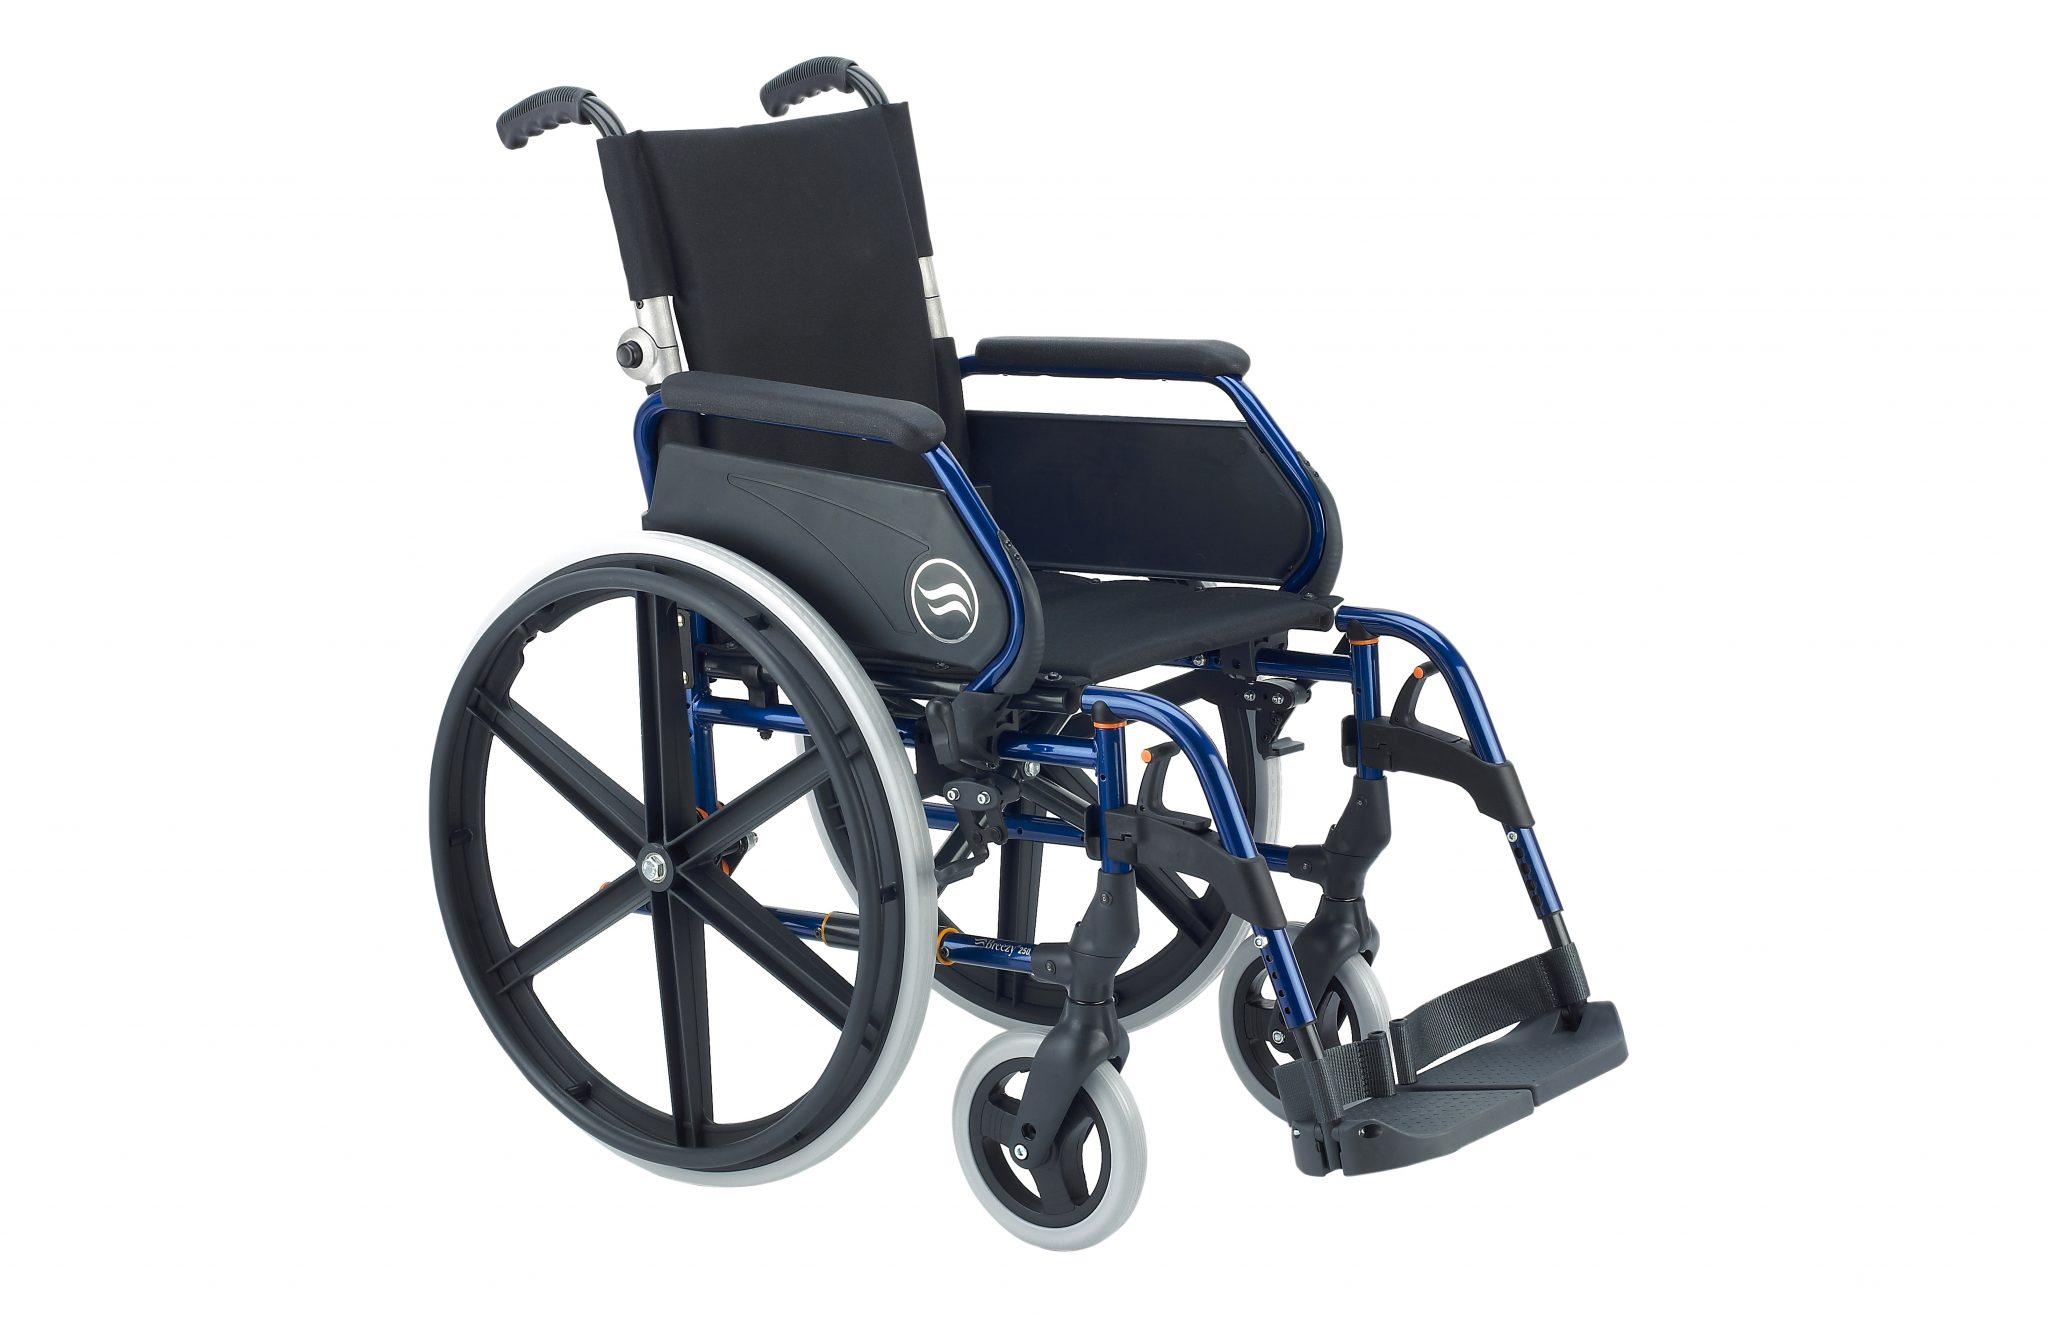 Cadeira de rodas manual preta, com estrutura azul, com vista de perfil.